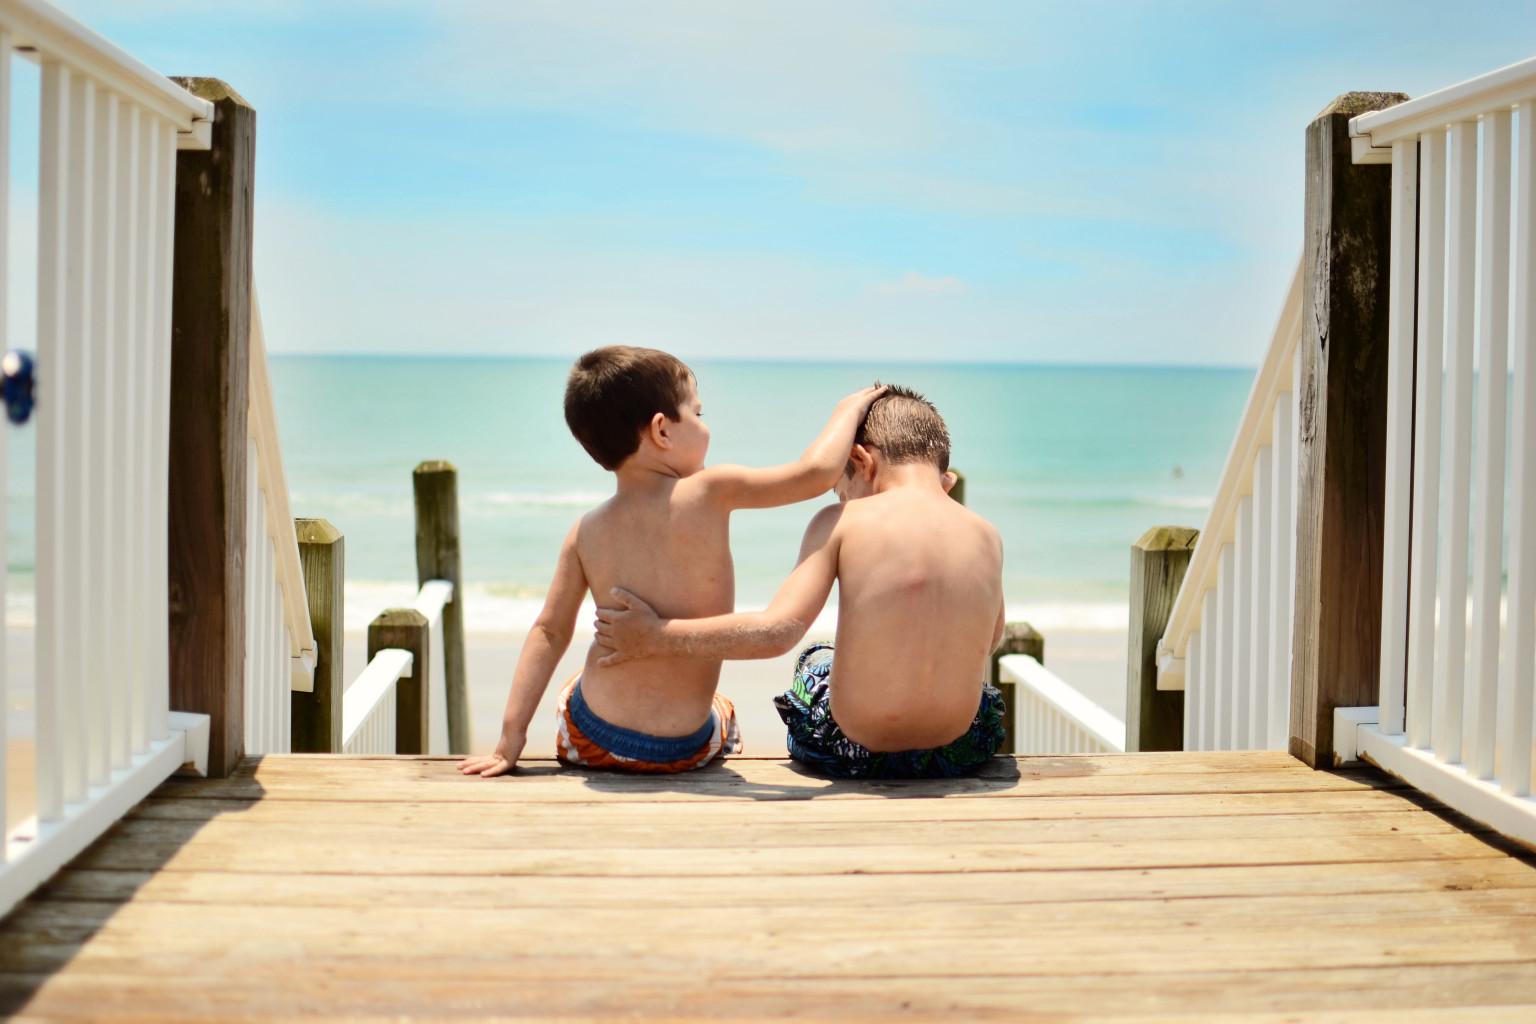 Volim te kao prijatelja, psst slika govori više od hiljadu reči - Page 11 O-BEST-FRIENDS-facebook